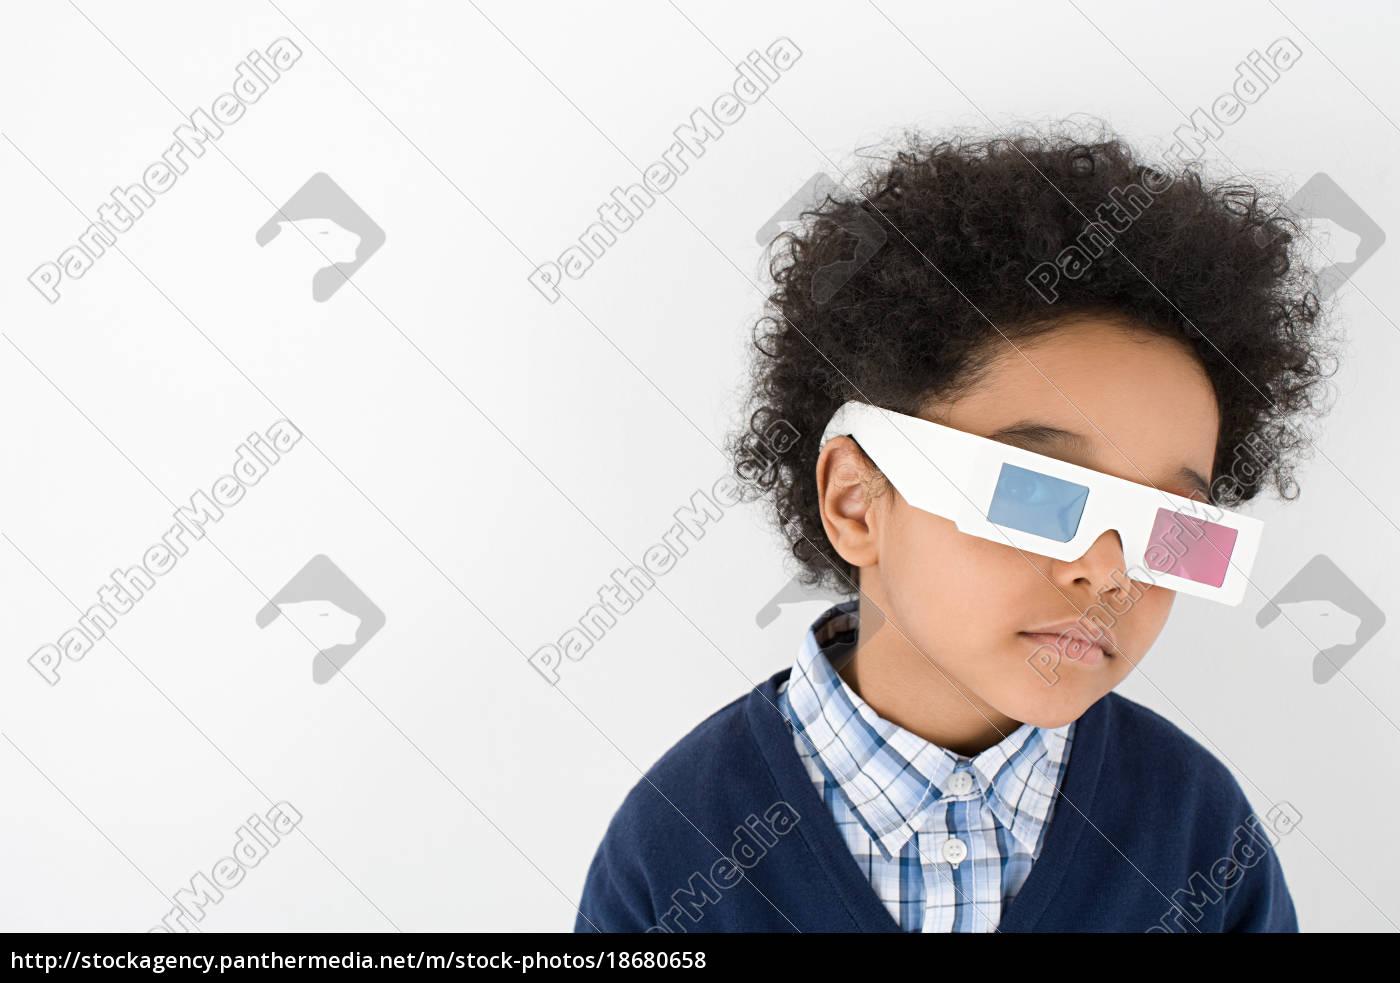 junge, trägt, 3d-brille - 18680658